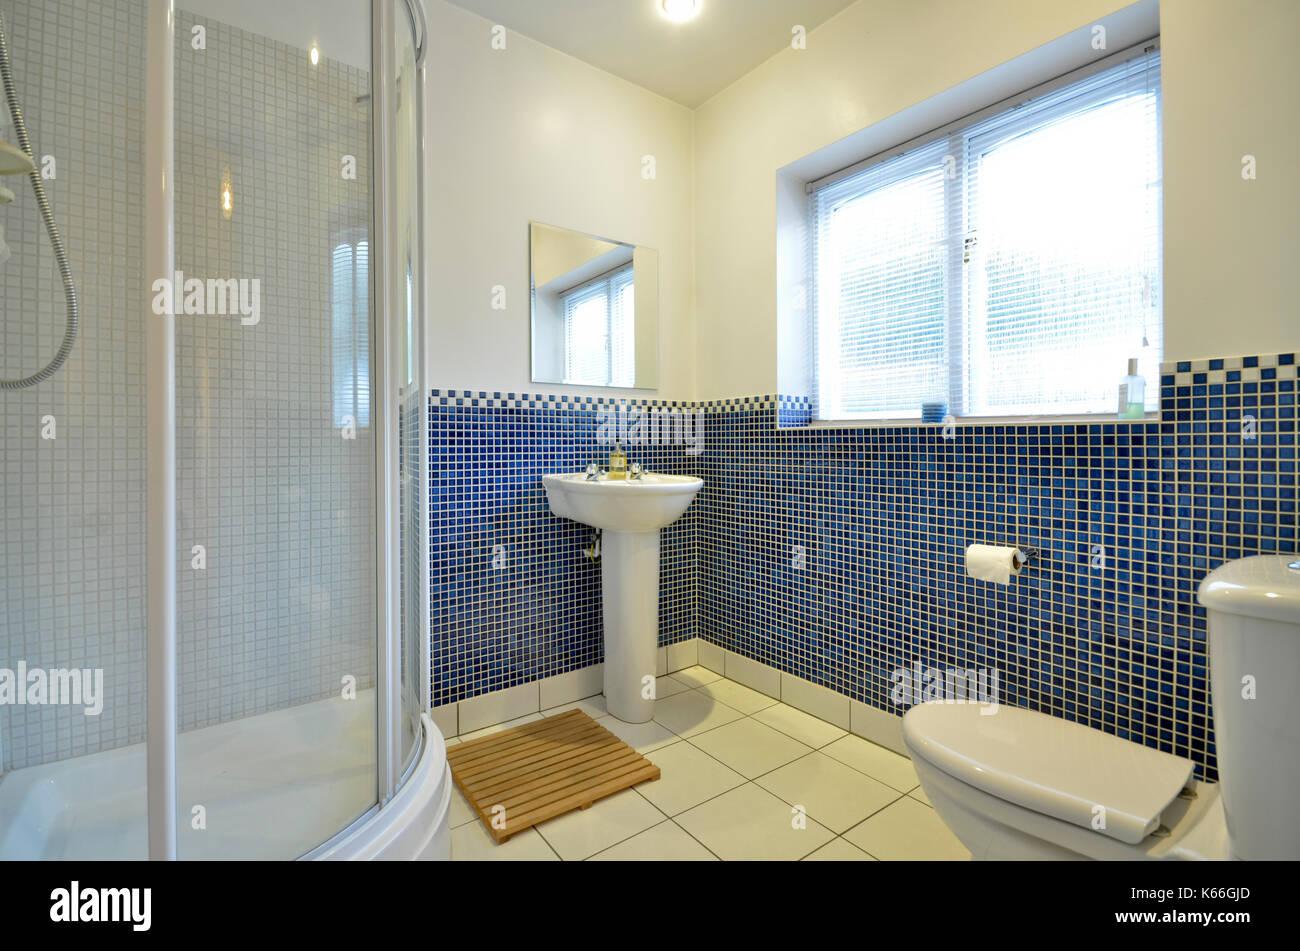 Bagno con doccia con nero blu di piastrelle a mosaico foto